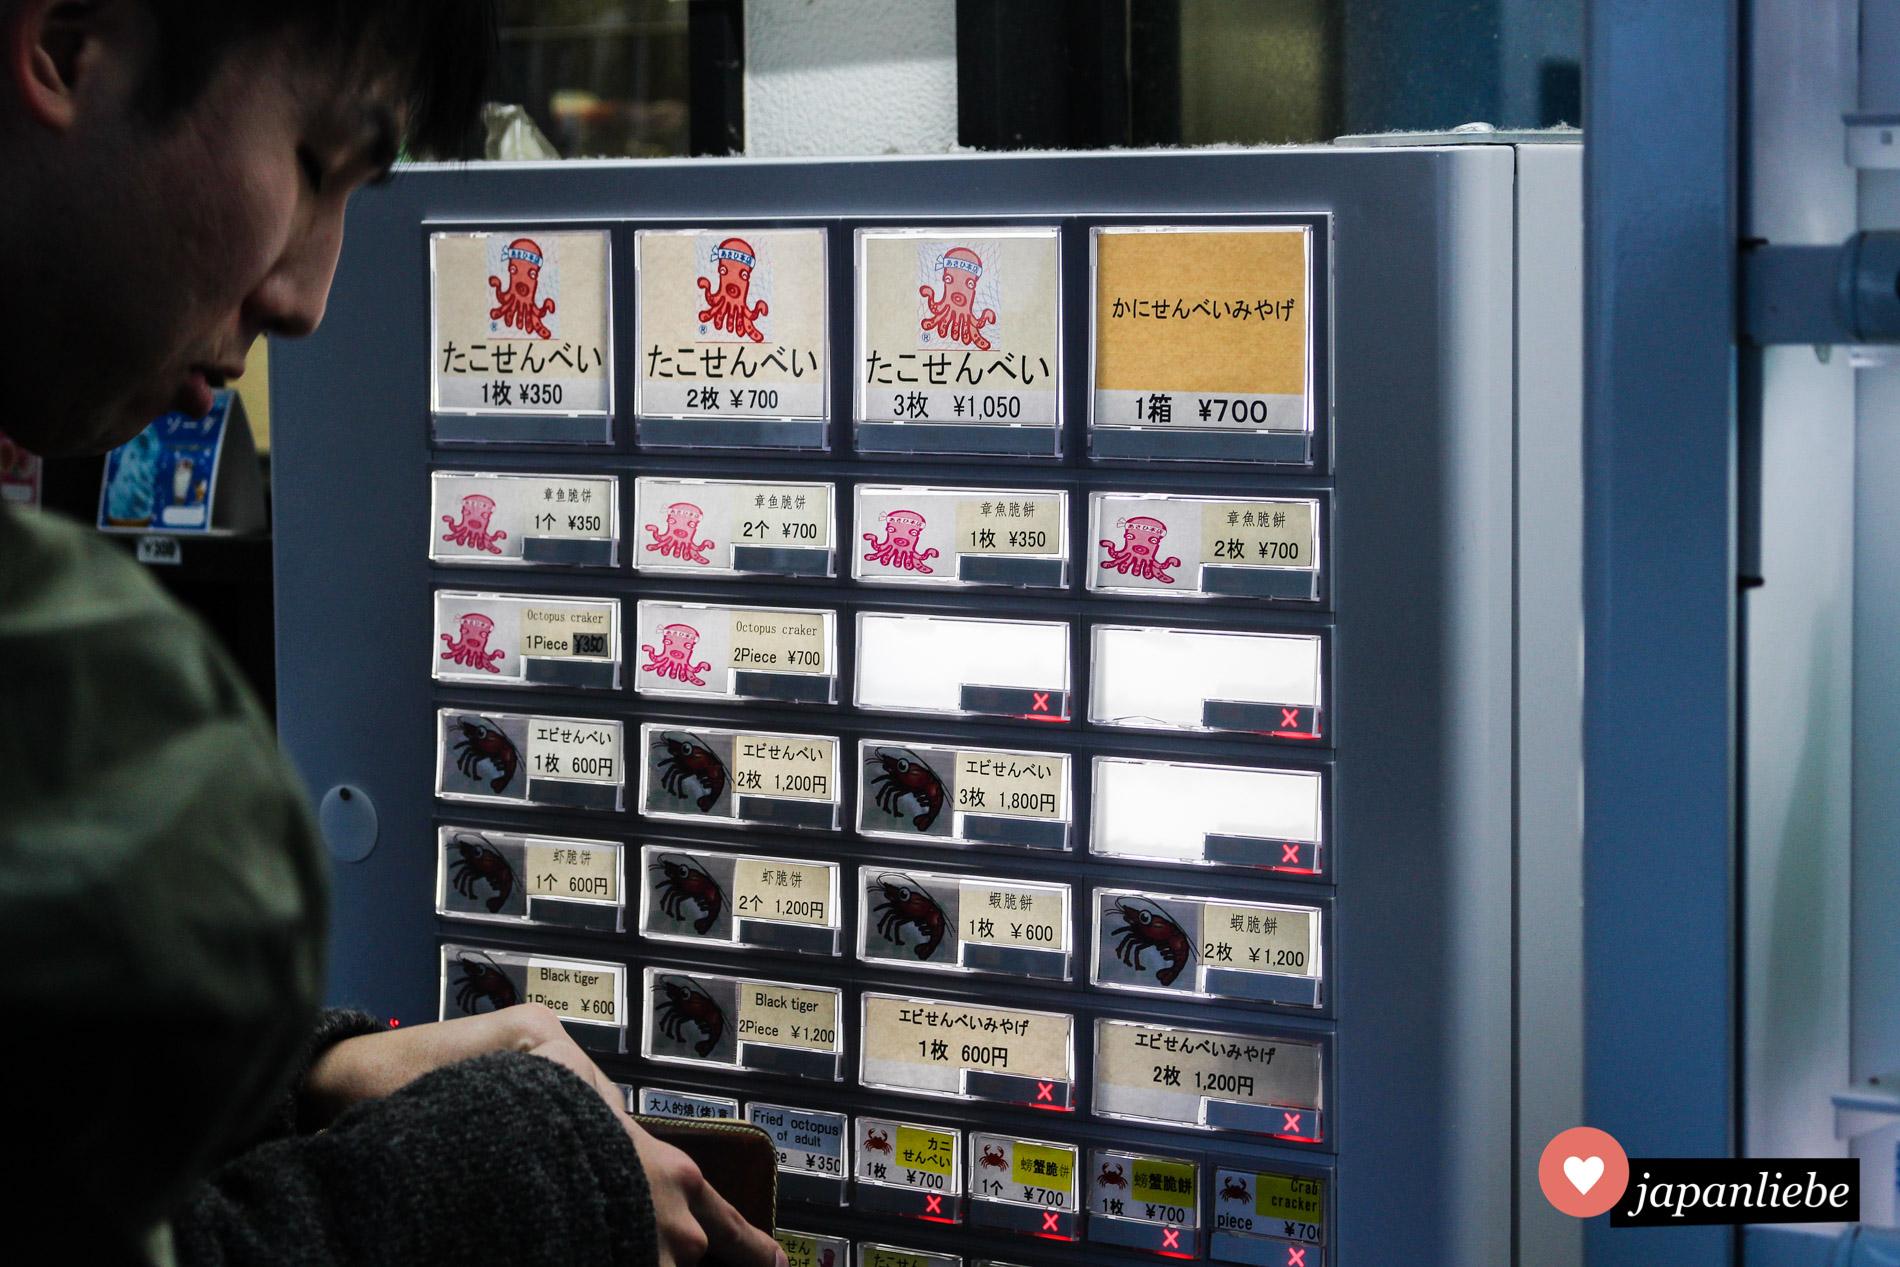 Um an diesem Laden auf Enoshima einen Reiscracker zu kaufen, löst man vorab ein Ticket an einem Automaten.